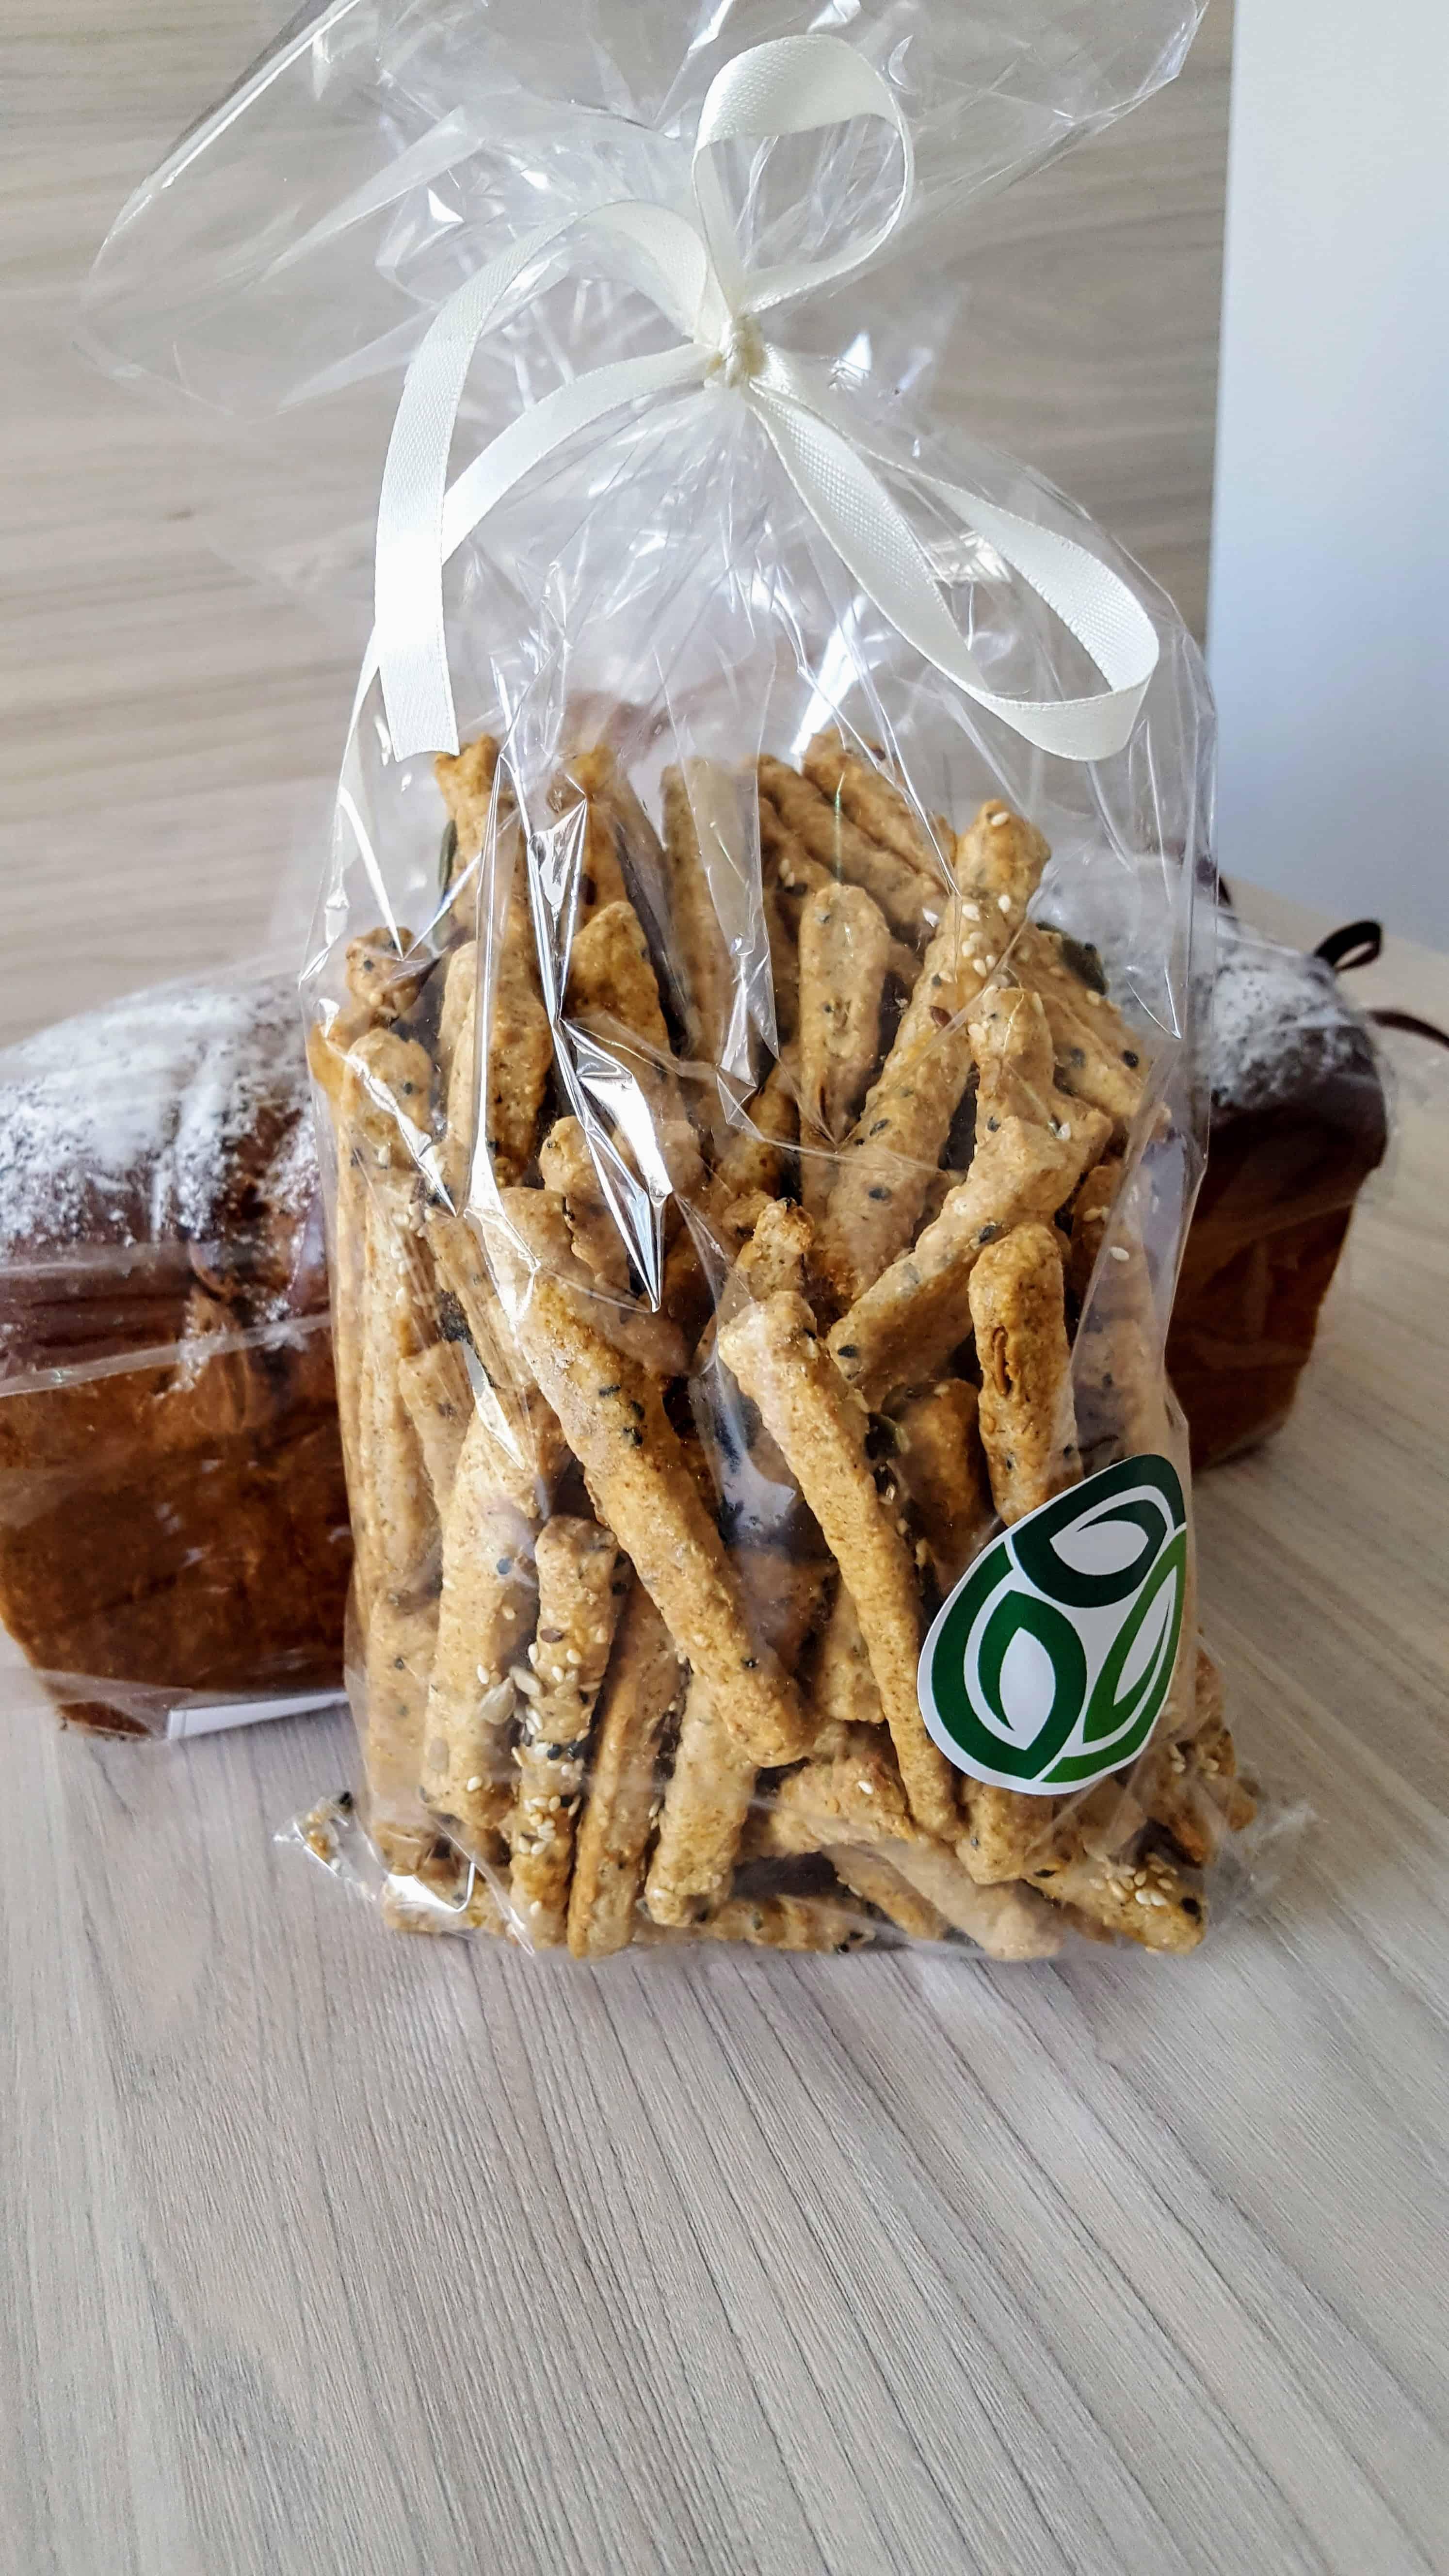 Saratele de rasfat din fainuri integrale cu seminte - 500g 2